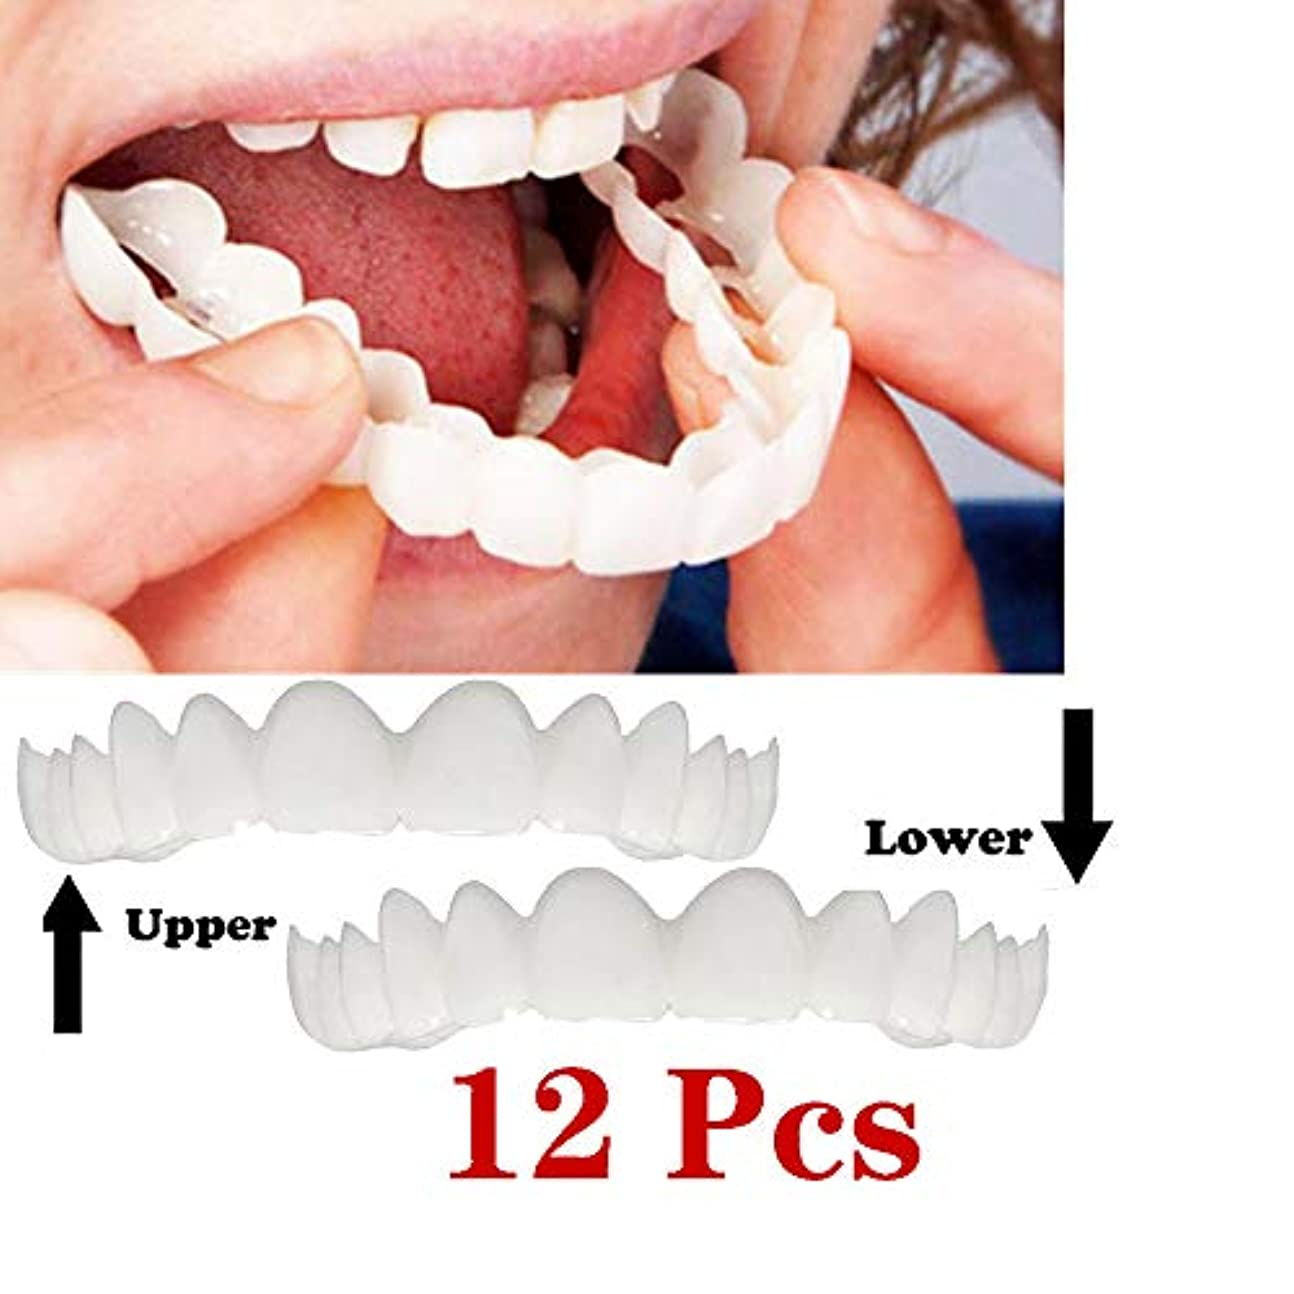 スポーツをする良さ揮発性快適な化粧品歯柔軟な義歯一時的な笑顔悪い歯黄色い歯黒い歯ホワイトニング義歯ケアブレース - 6セット(下+上)